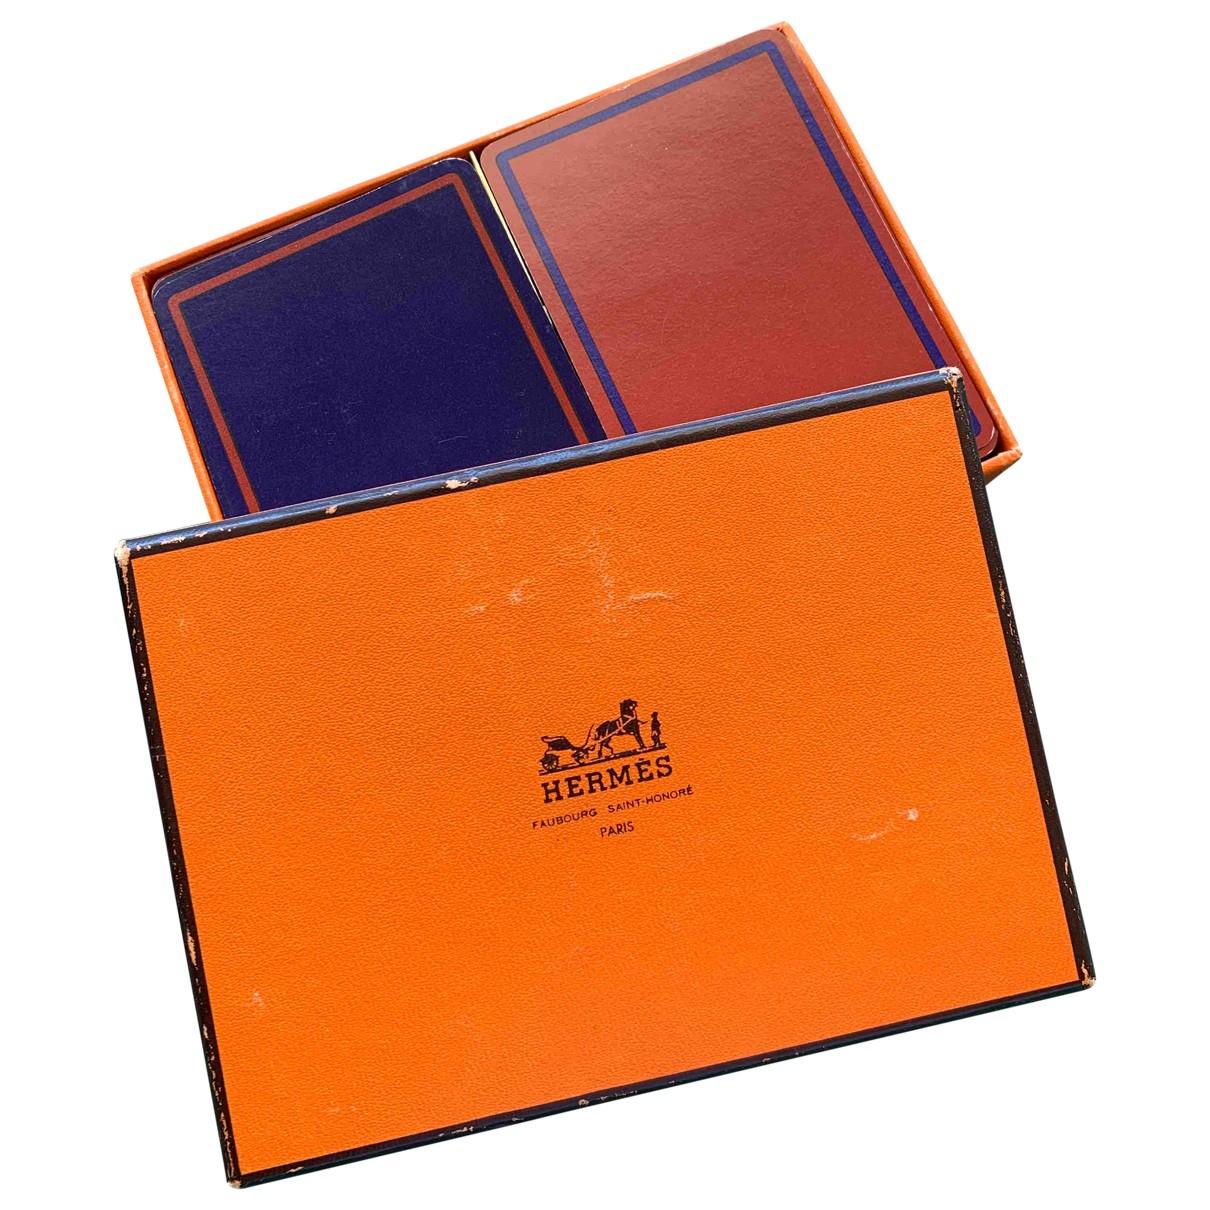 Hermes \N Accessoires und Dekoration Orange